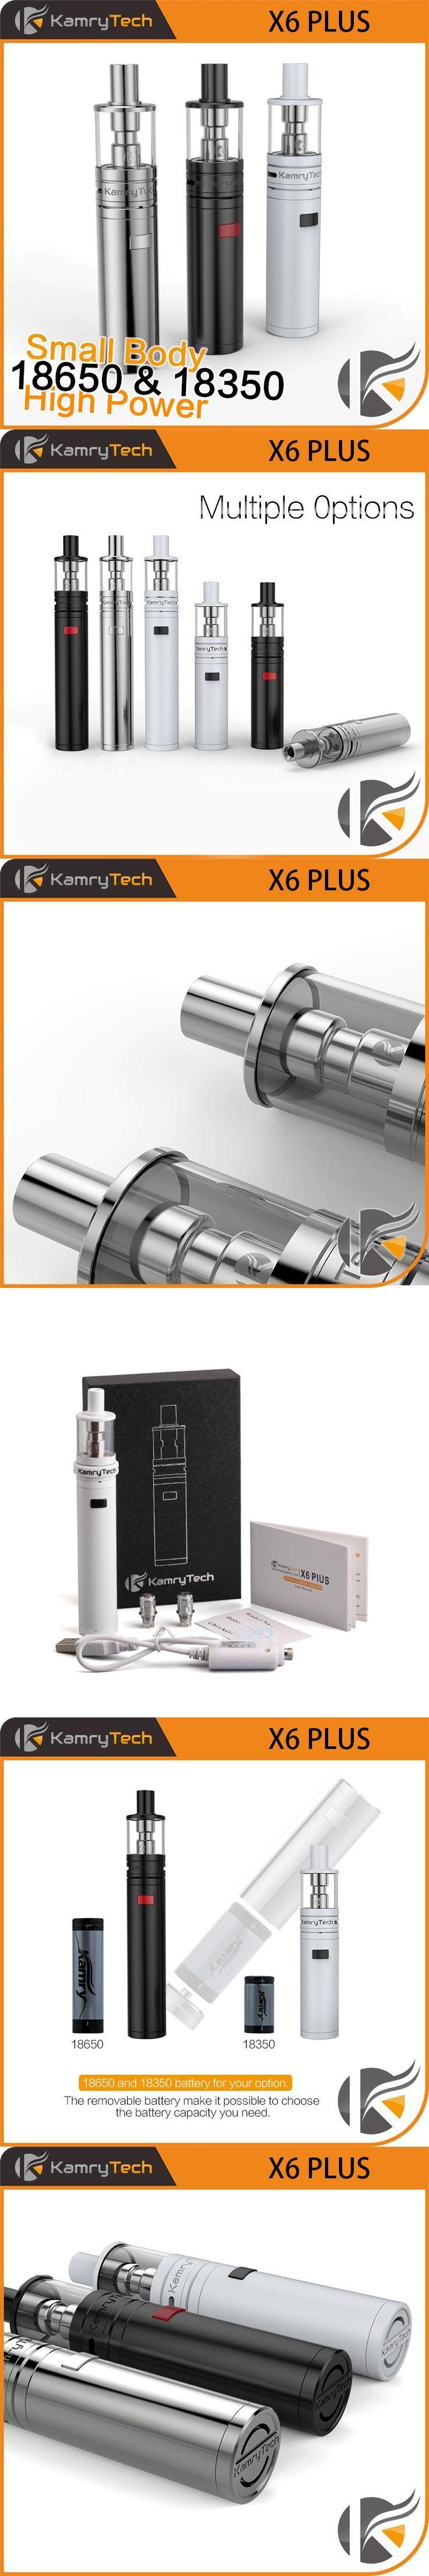 Electronic Cigarette Vape Pen EGO E Hookah Vaporizer Kamry X6 Plus Cigarette Kit Mech Mod X6 plus Atomizer E Cigarette X1091